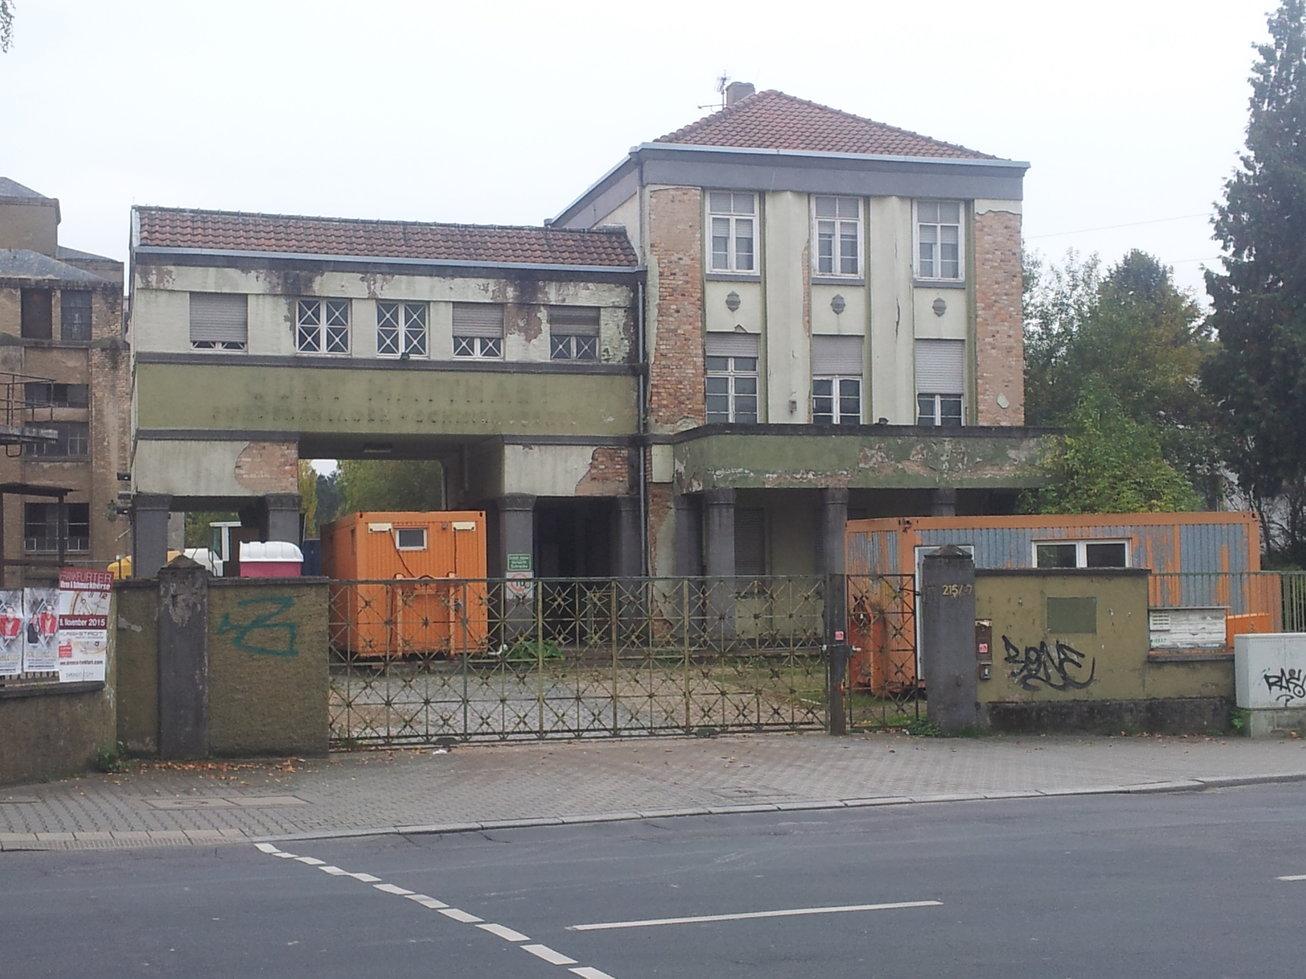 Der denkmalgeschützte Torbau der alten Mato bleibt erhalten (Bild: Julius Reinsberg)